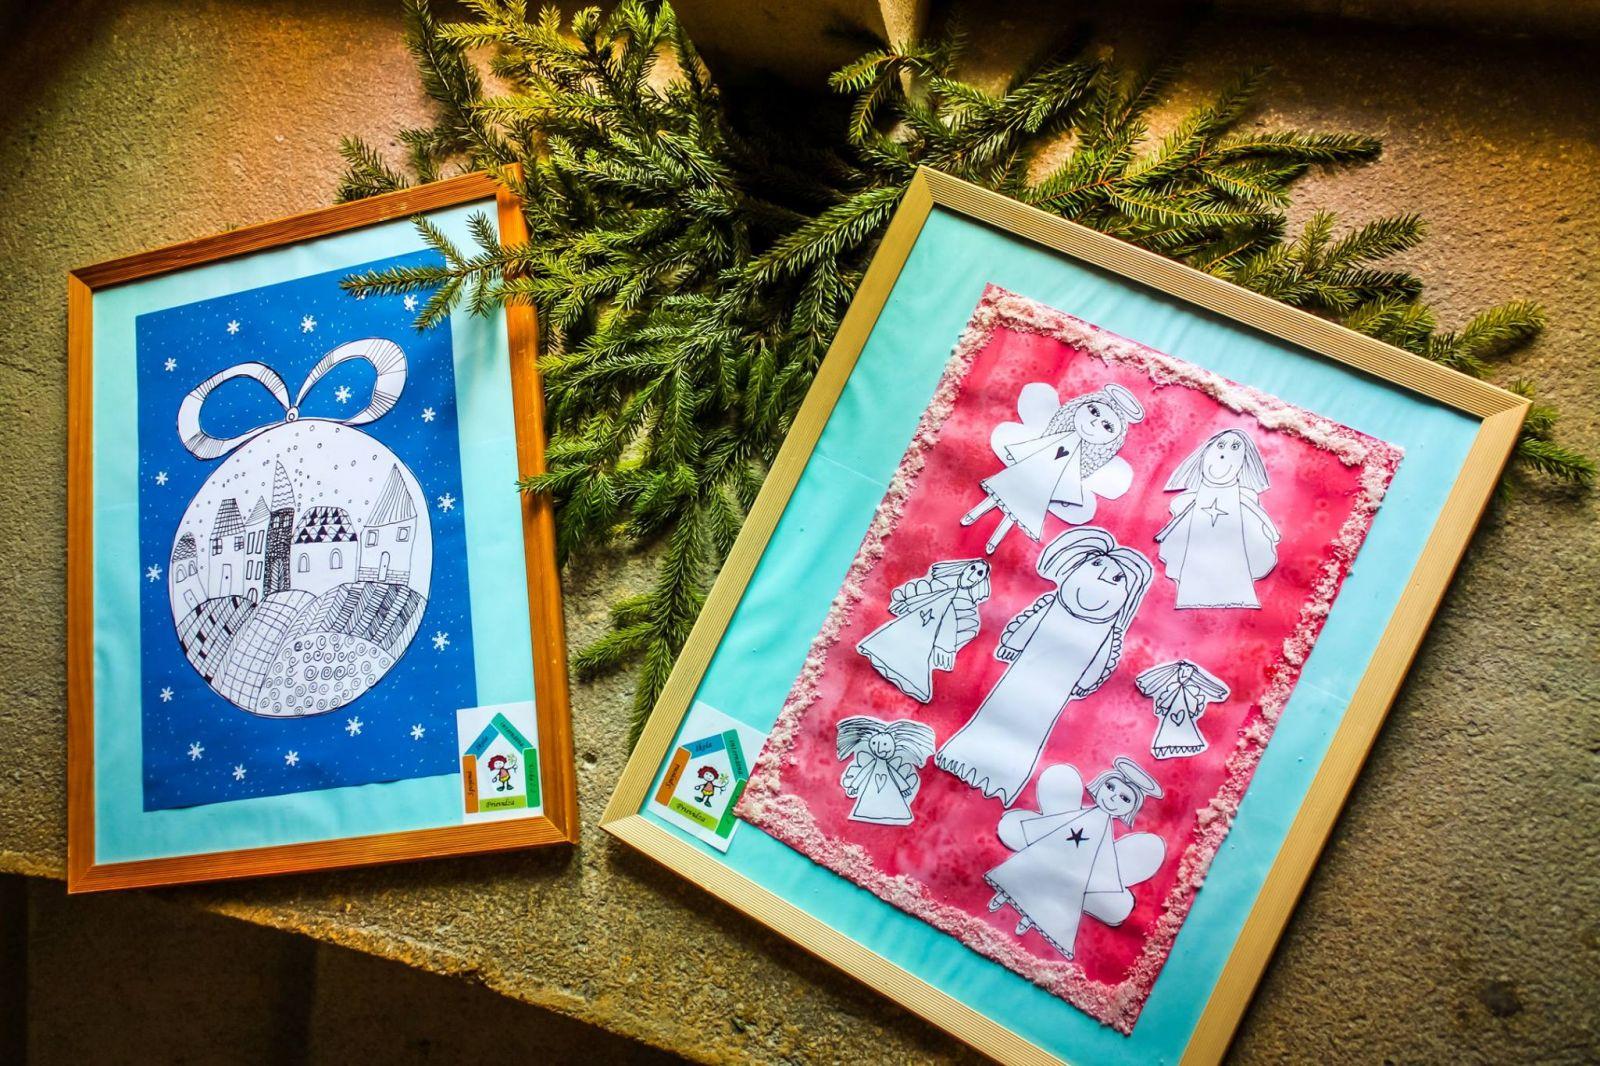 Tí pod vedením pedagógov pripravili bohatú kolekciu obrazov a vianočných dekorácií, ktorými prispejú k tohtoročnej sviatočnej výzdobe zámku.